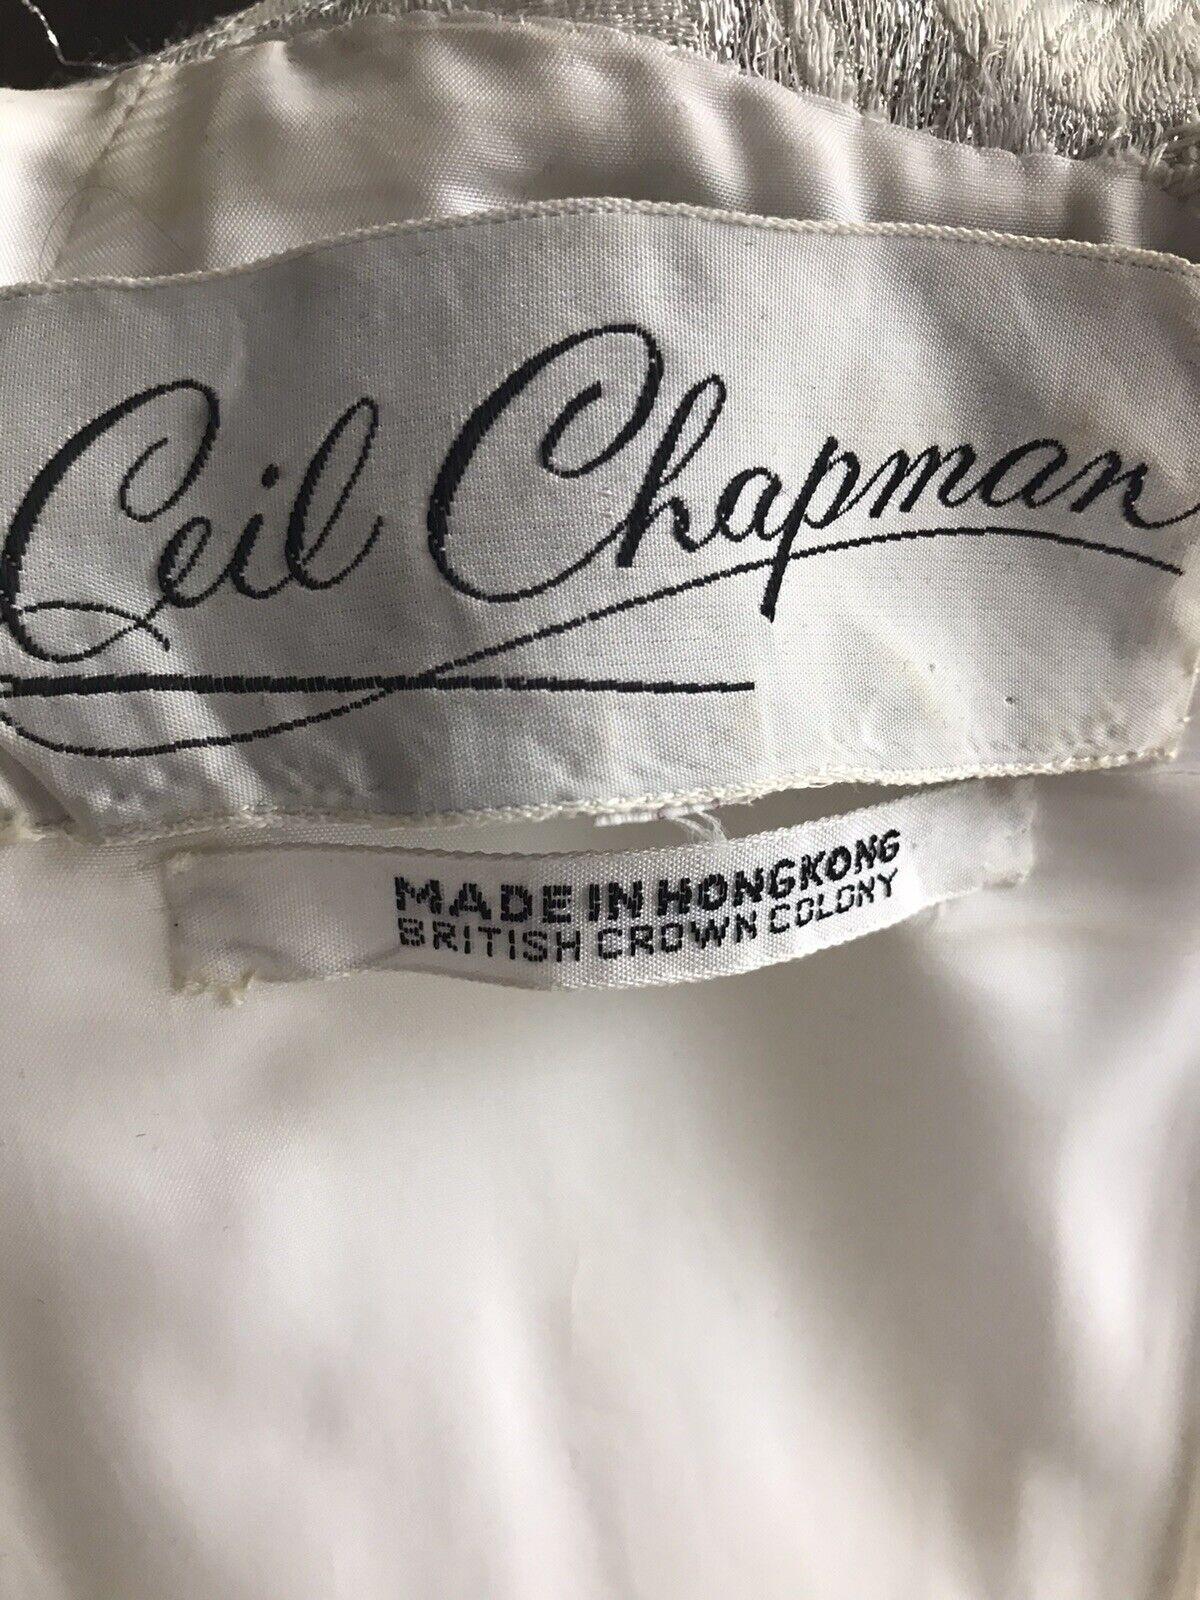 ceil chapman dress vintage - image 1